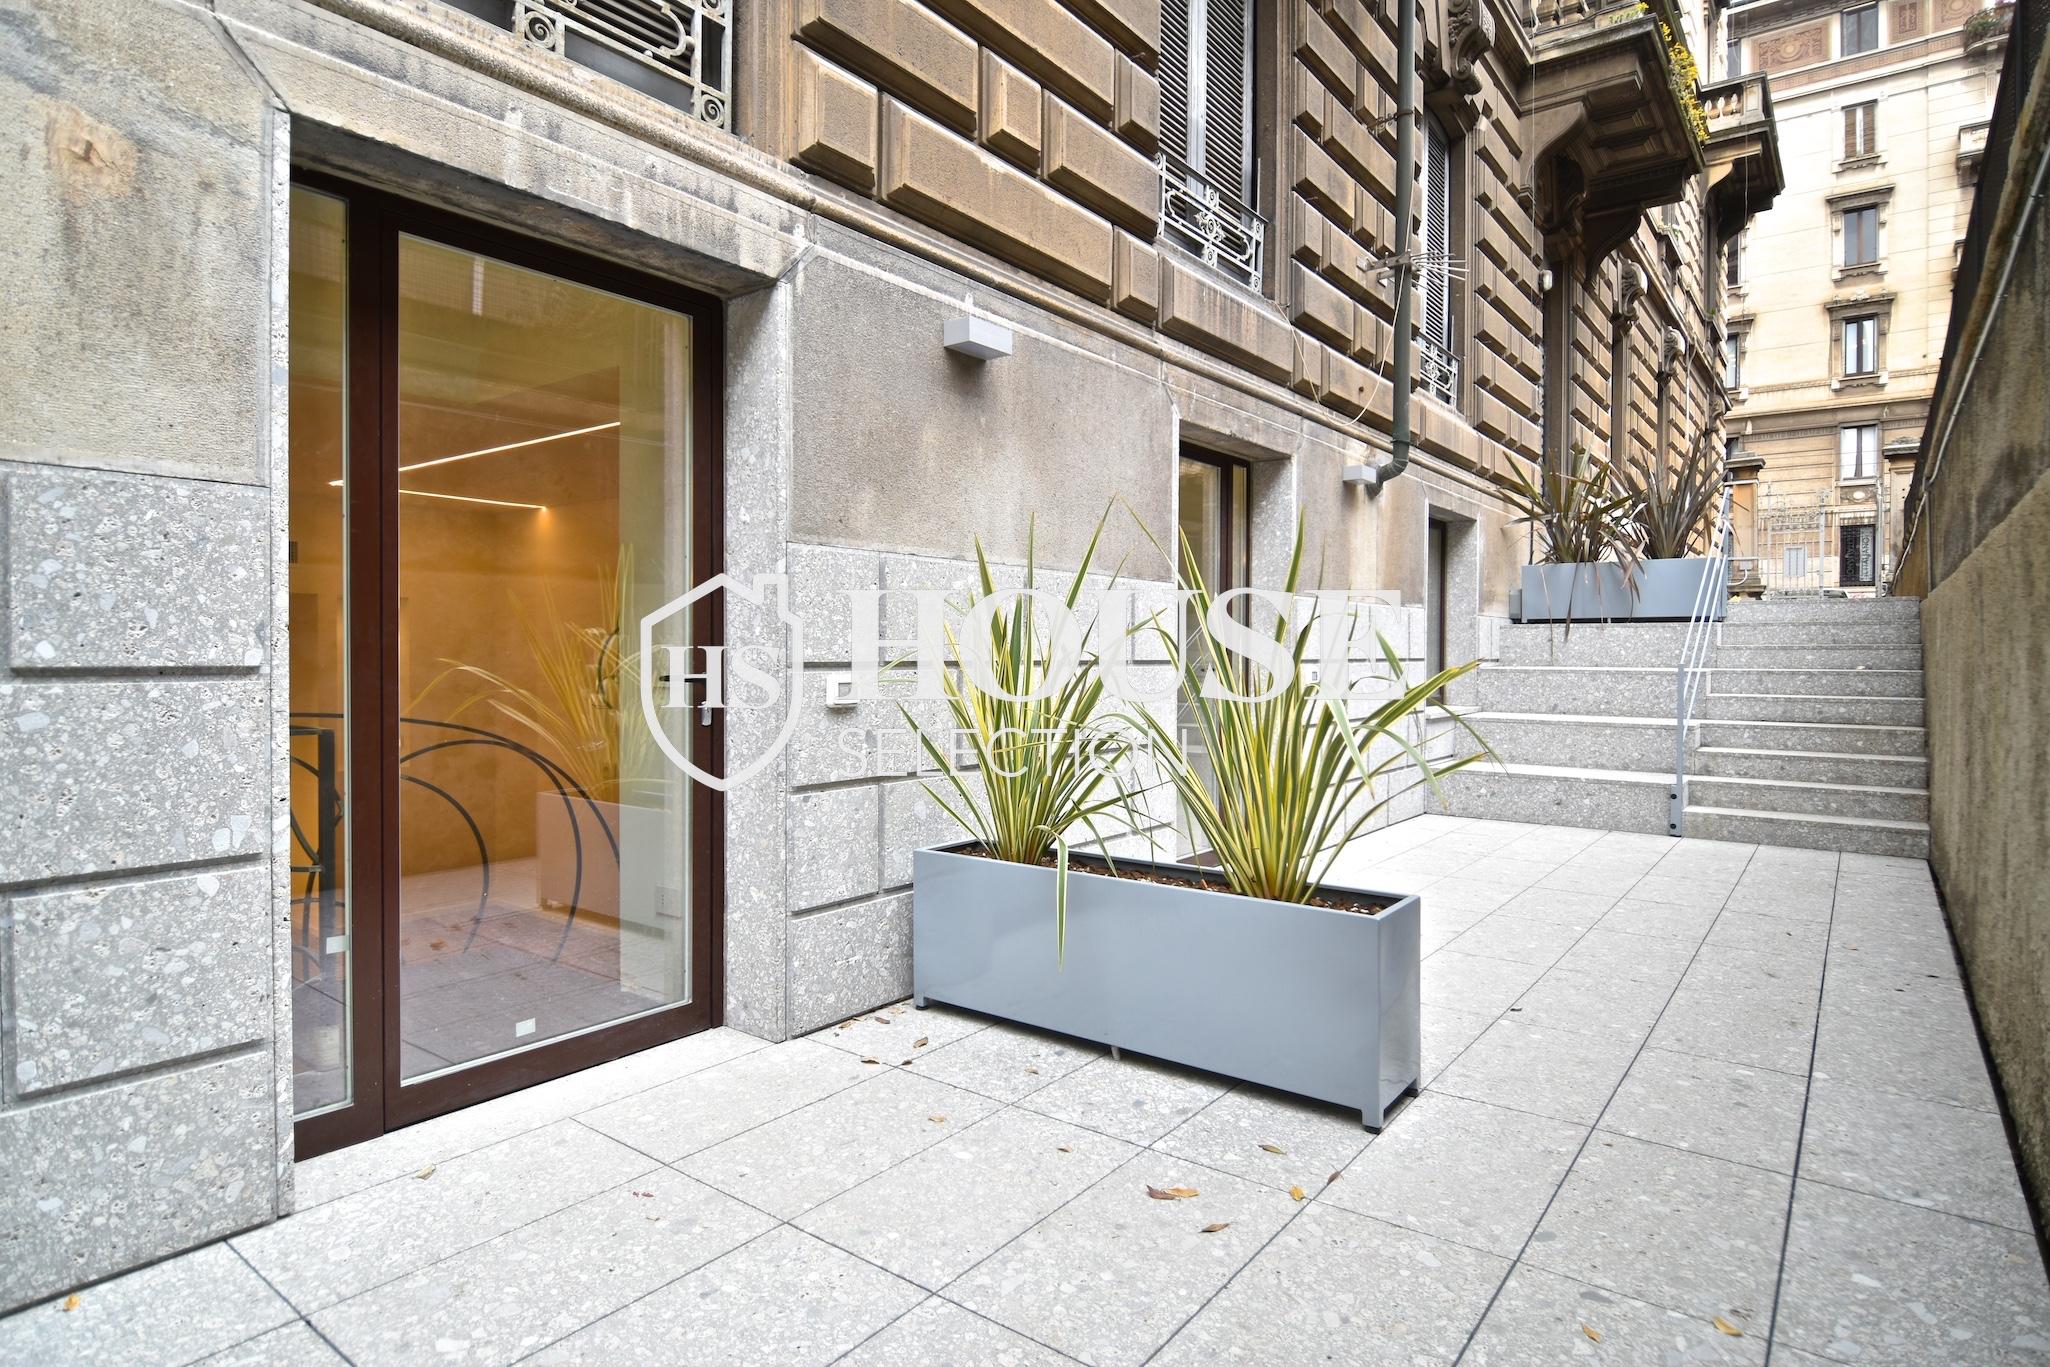 Vendita bilocale piazza Cincinnato, nuova realizzazione, seminterrato, con giardino privato, posto moto, ristrutturato, centro Milano 32